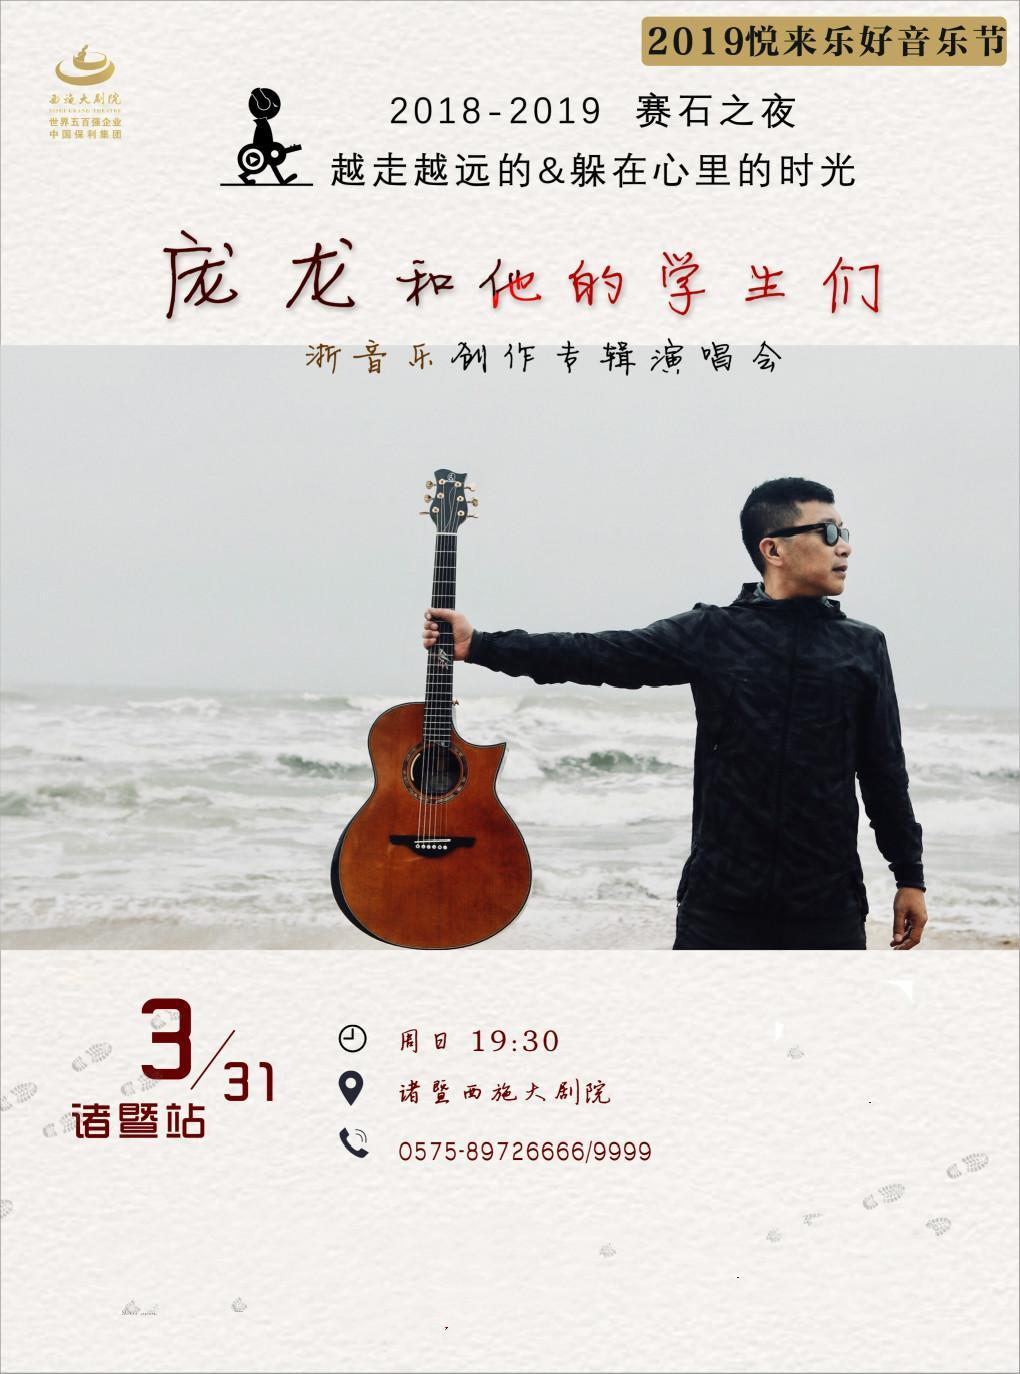 庞龙和他的学生们浙音乐演唱会